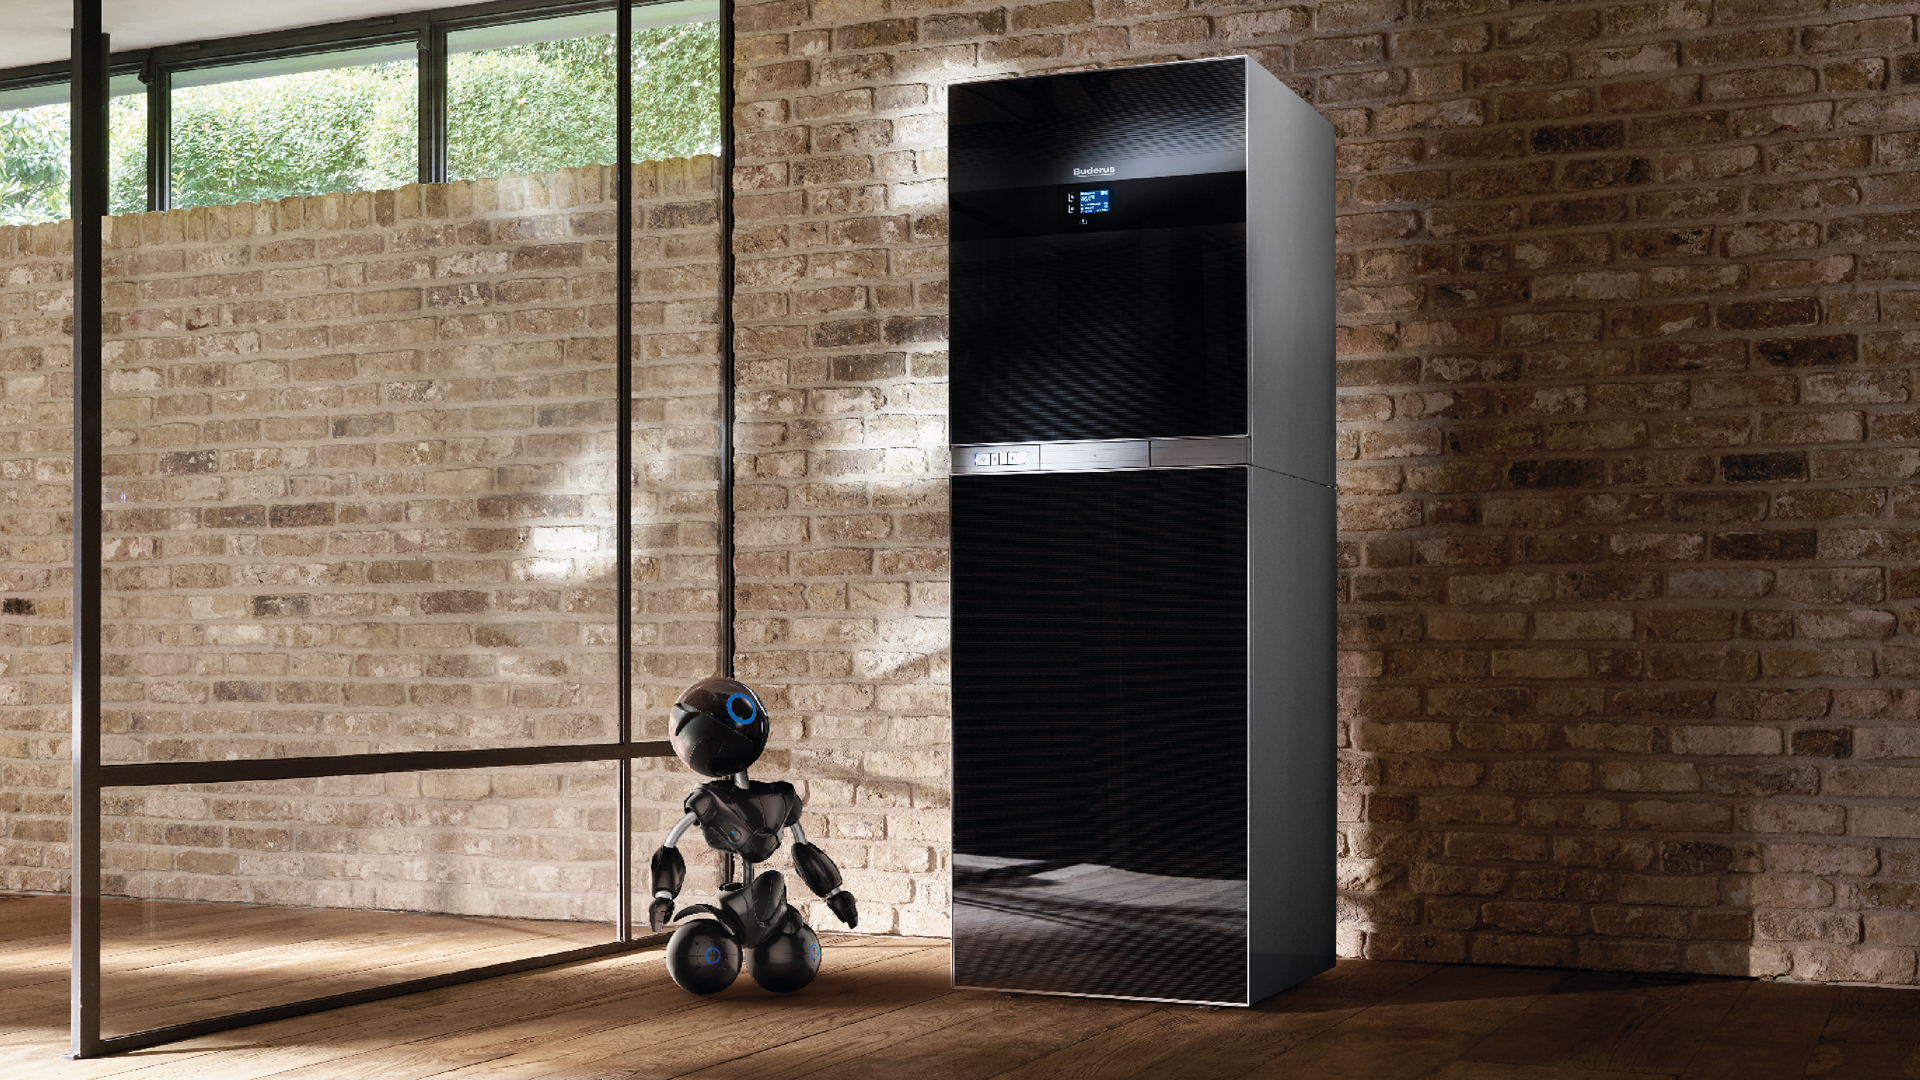 Buder TV-Spot mit Heizkörper und kleinem Roboter